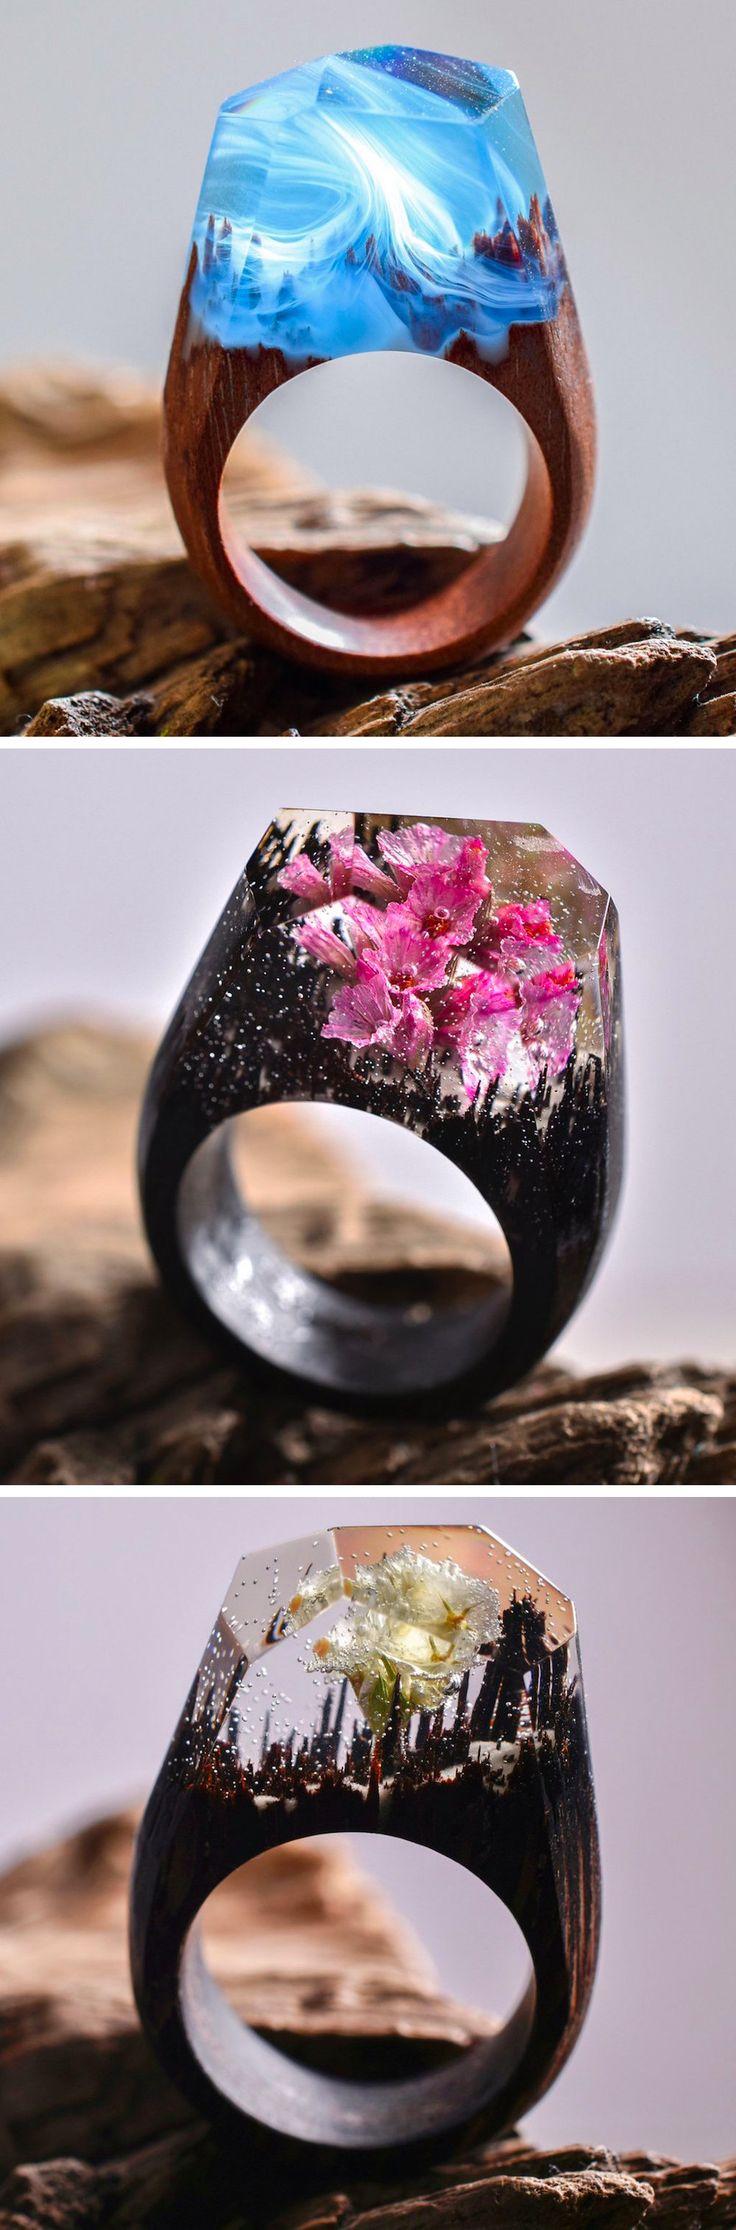 Super anillos hermosos.